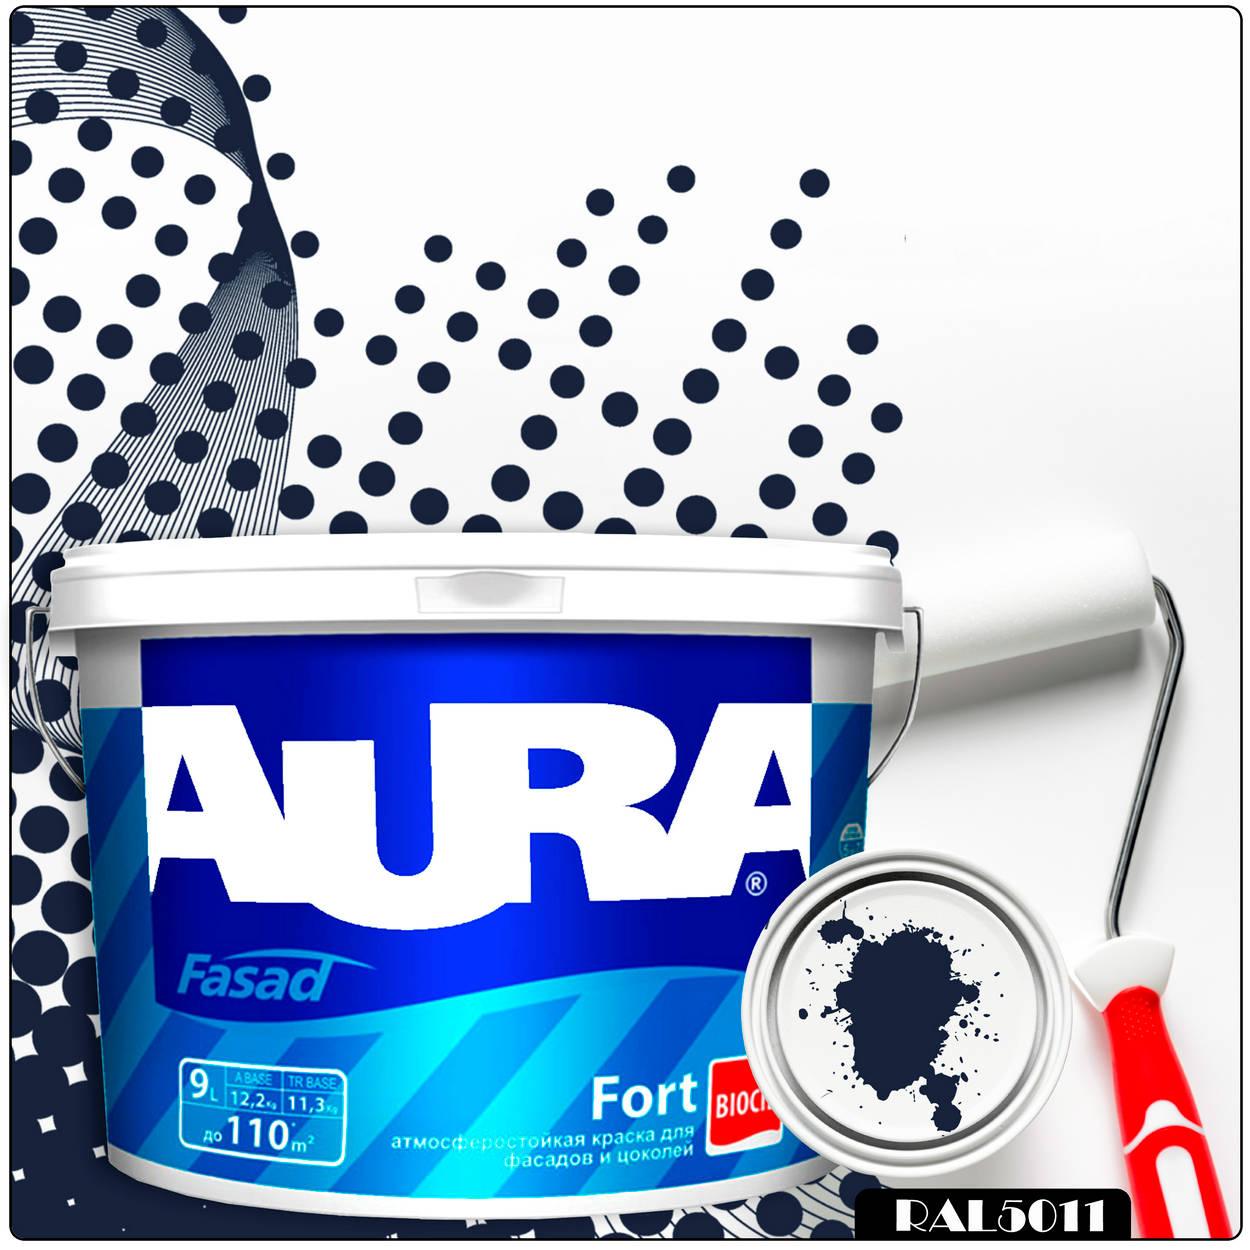 Фото 11 - Краска Aura Fasad Fort, RAL 5011 Синяя сталь, латексная, матовая, для фасада и цоколей, 9л, Аура.